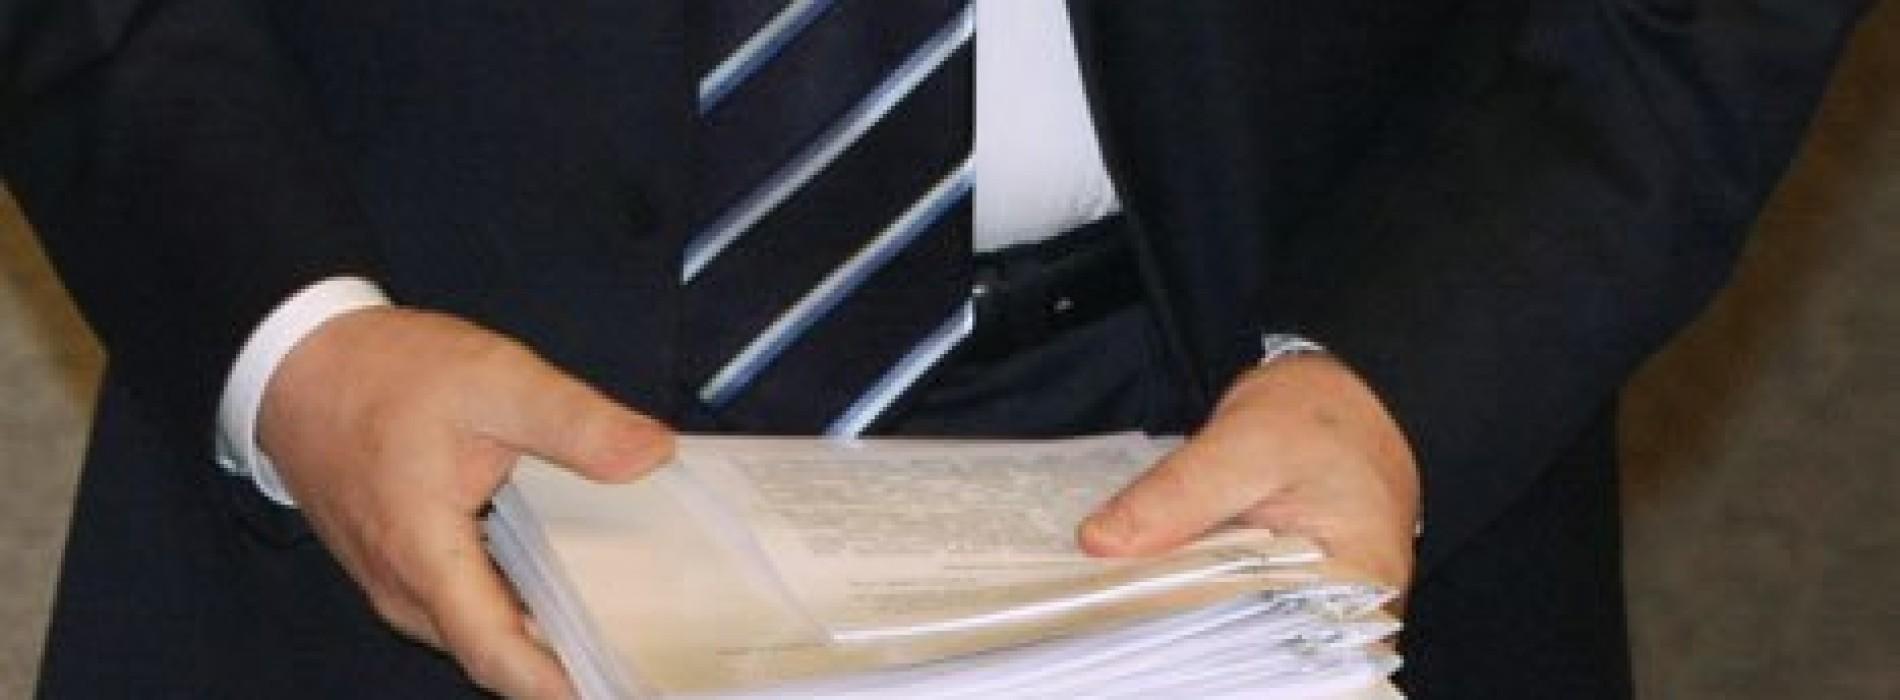 В ВКО продолжается противостояние между предпринимателями и ДАРЕМом